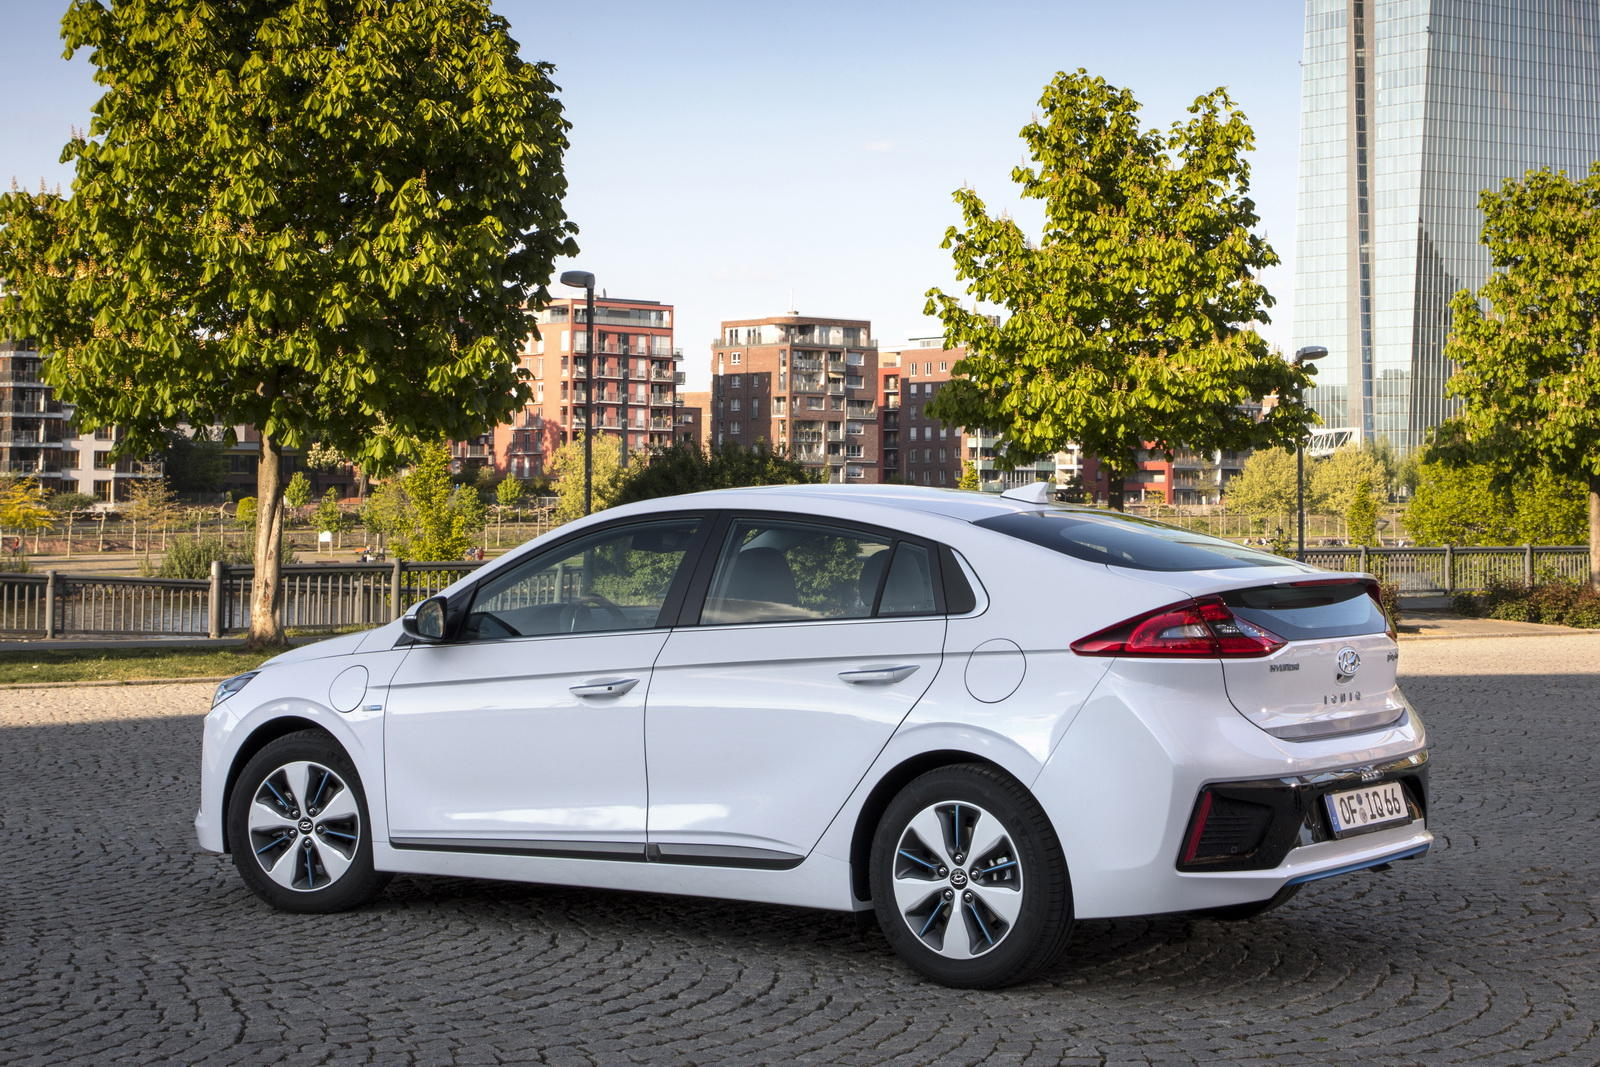 Hyundai Ioniq Plug-In Hybrid - Hyundai Ioniq Plug-In Hybrid